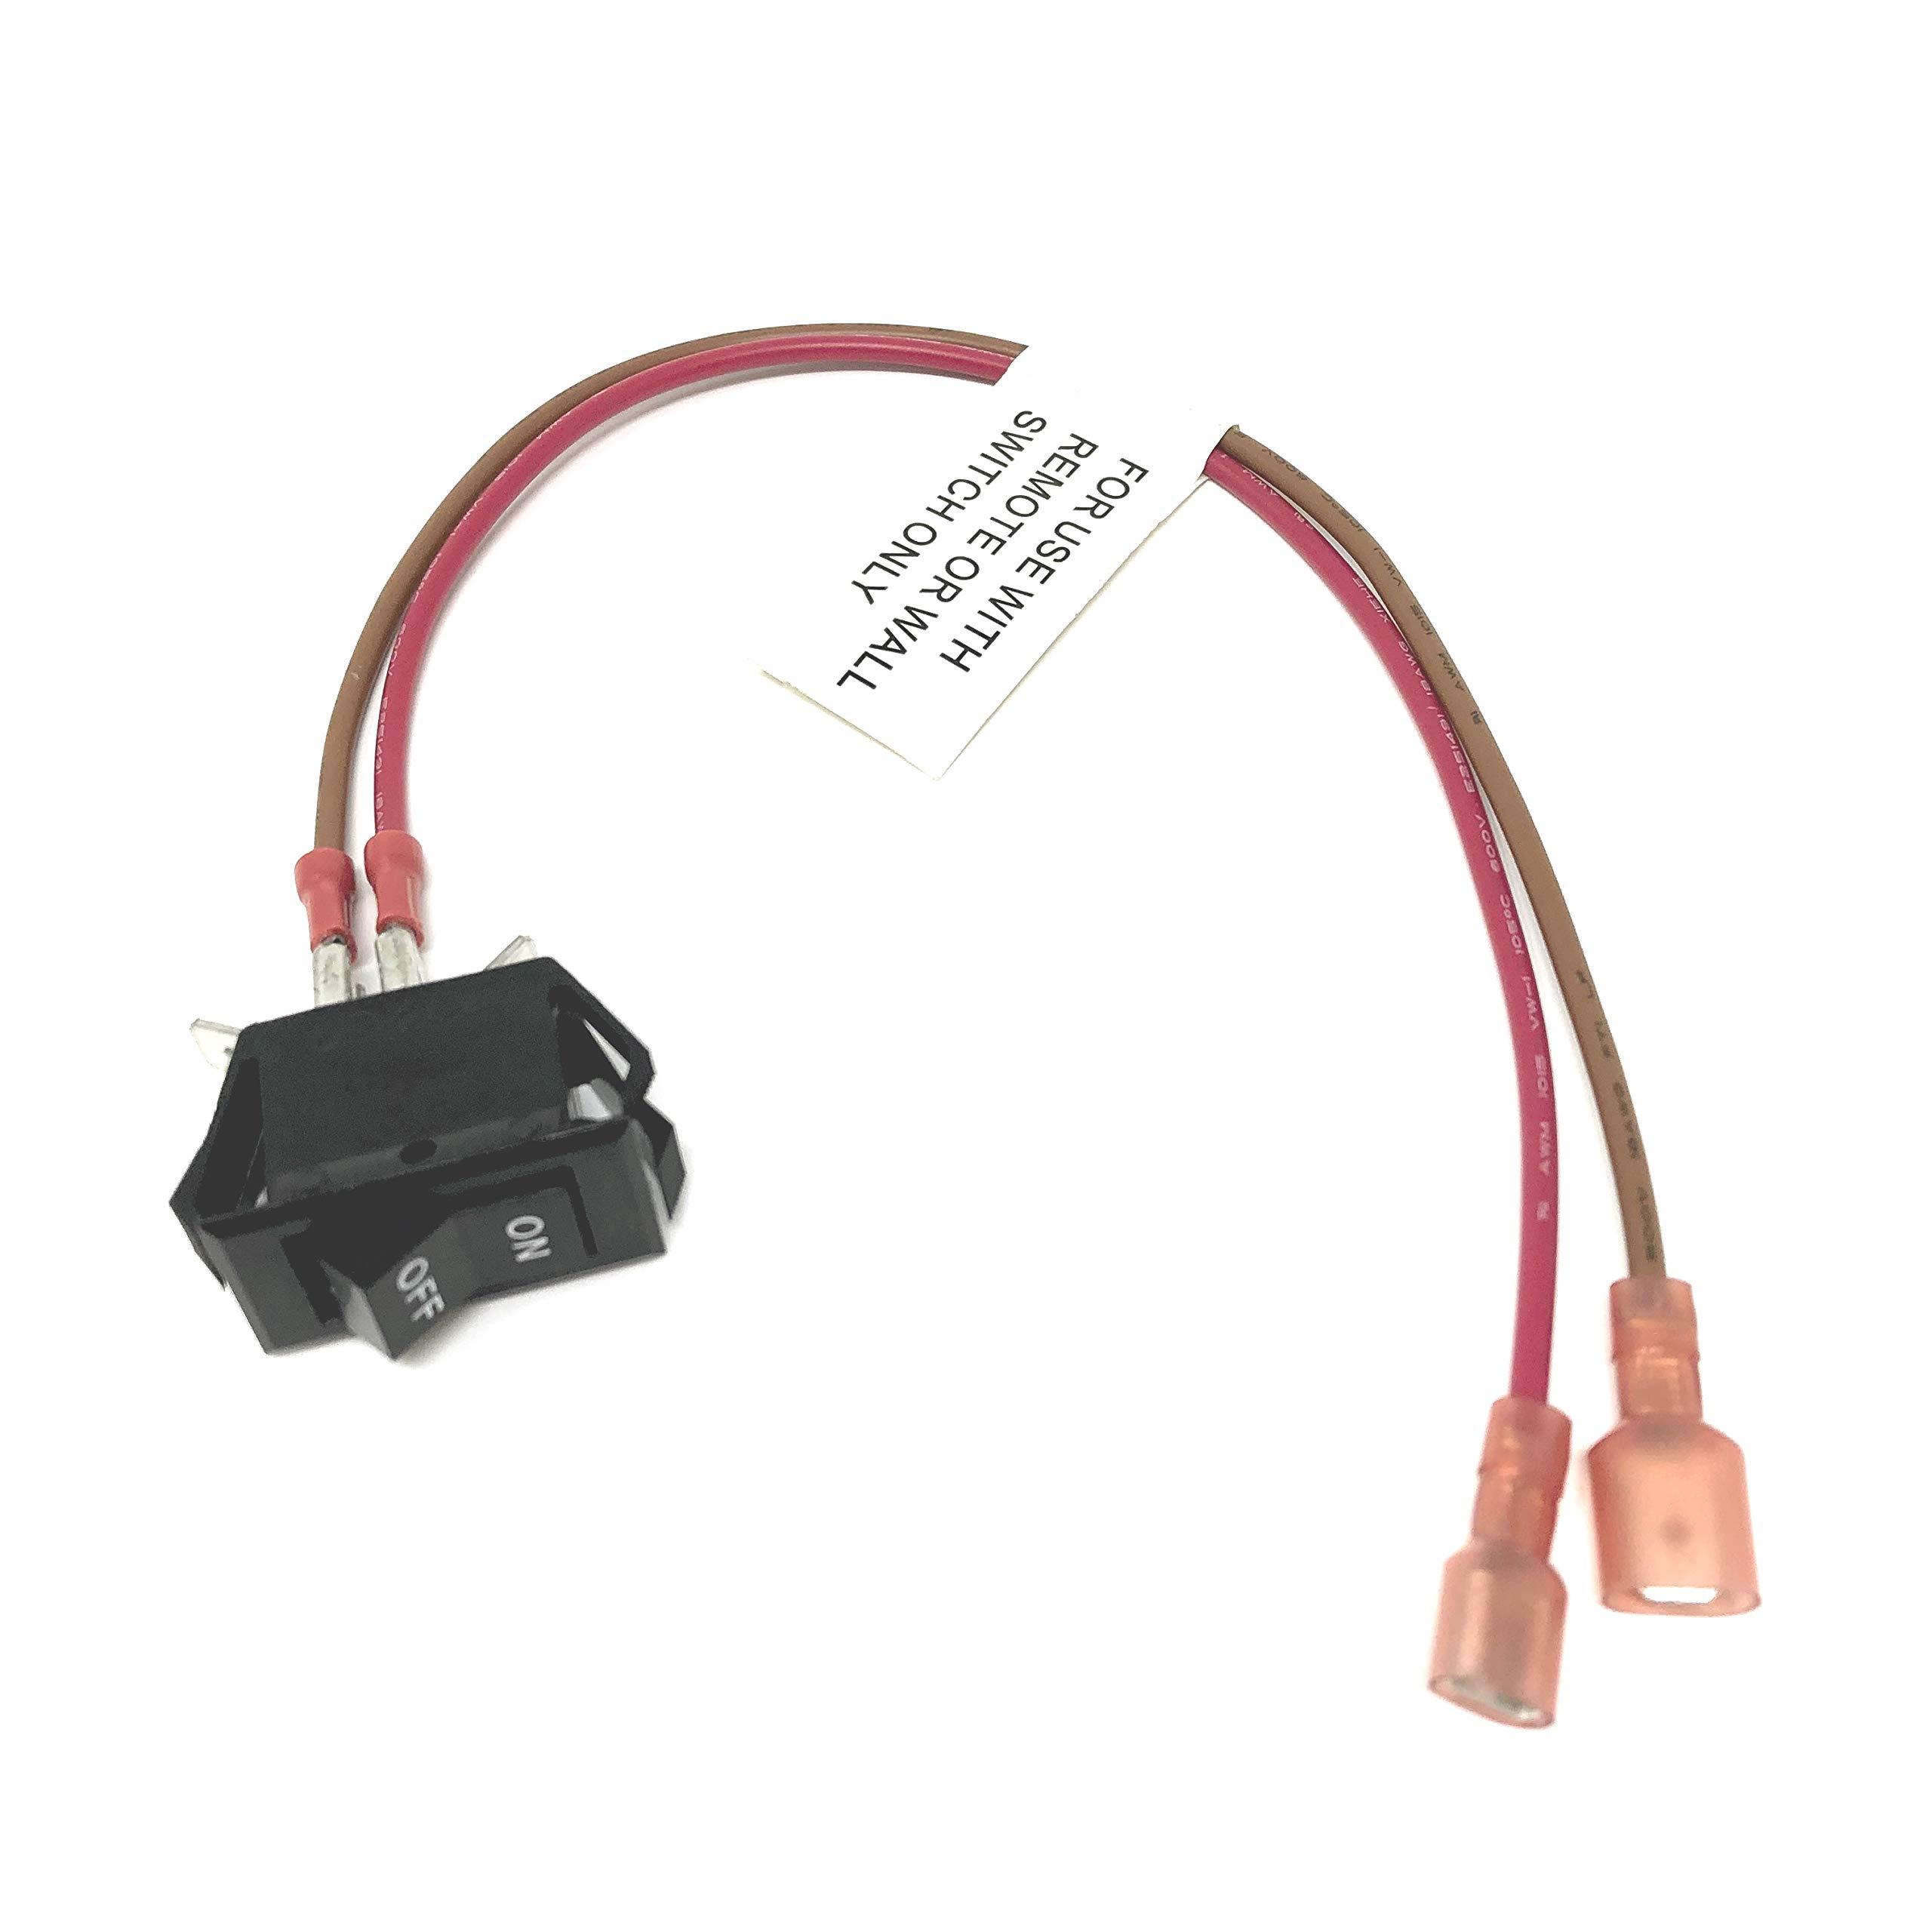 HHT On/Off Rocker Switch (060-521A) by HHT On/Off Rocker Switch (060-521A_